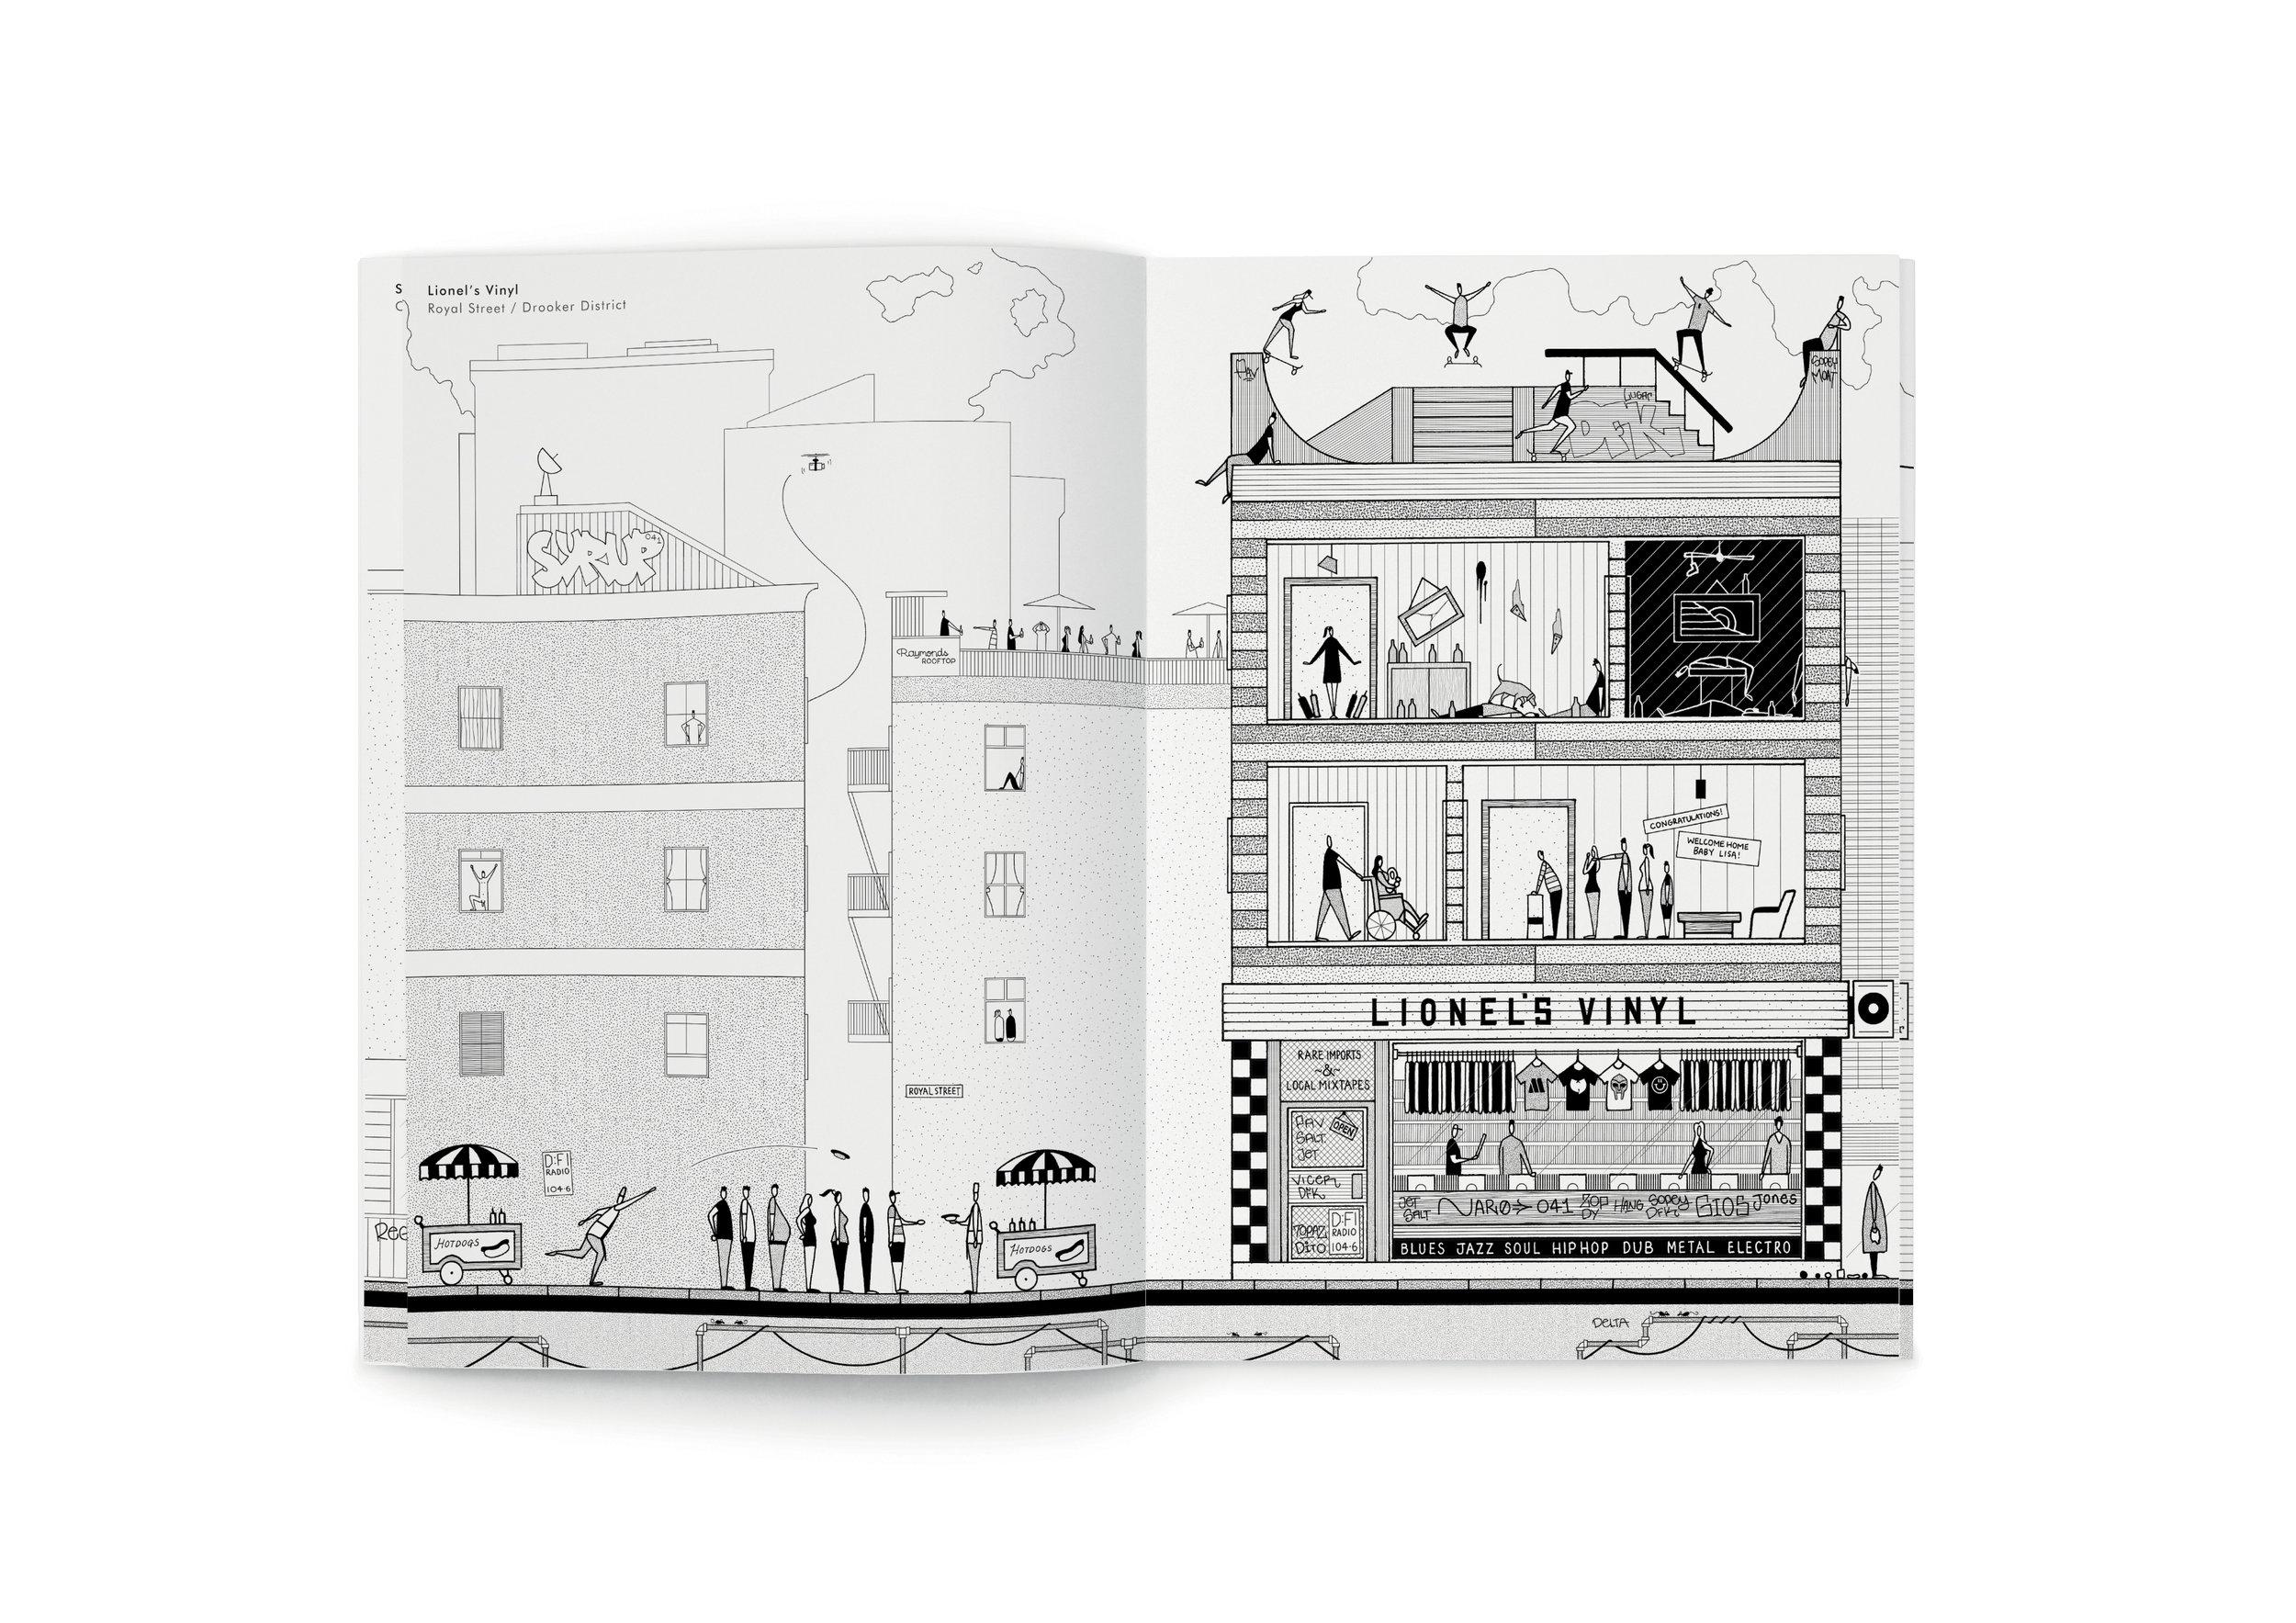 Lionel's Vinyl.jpg